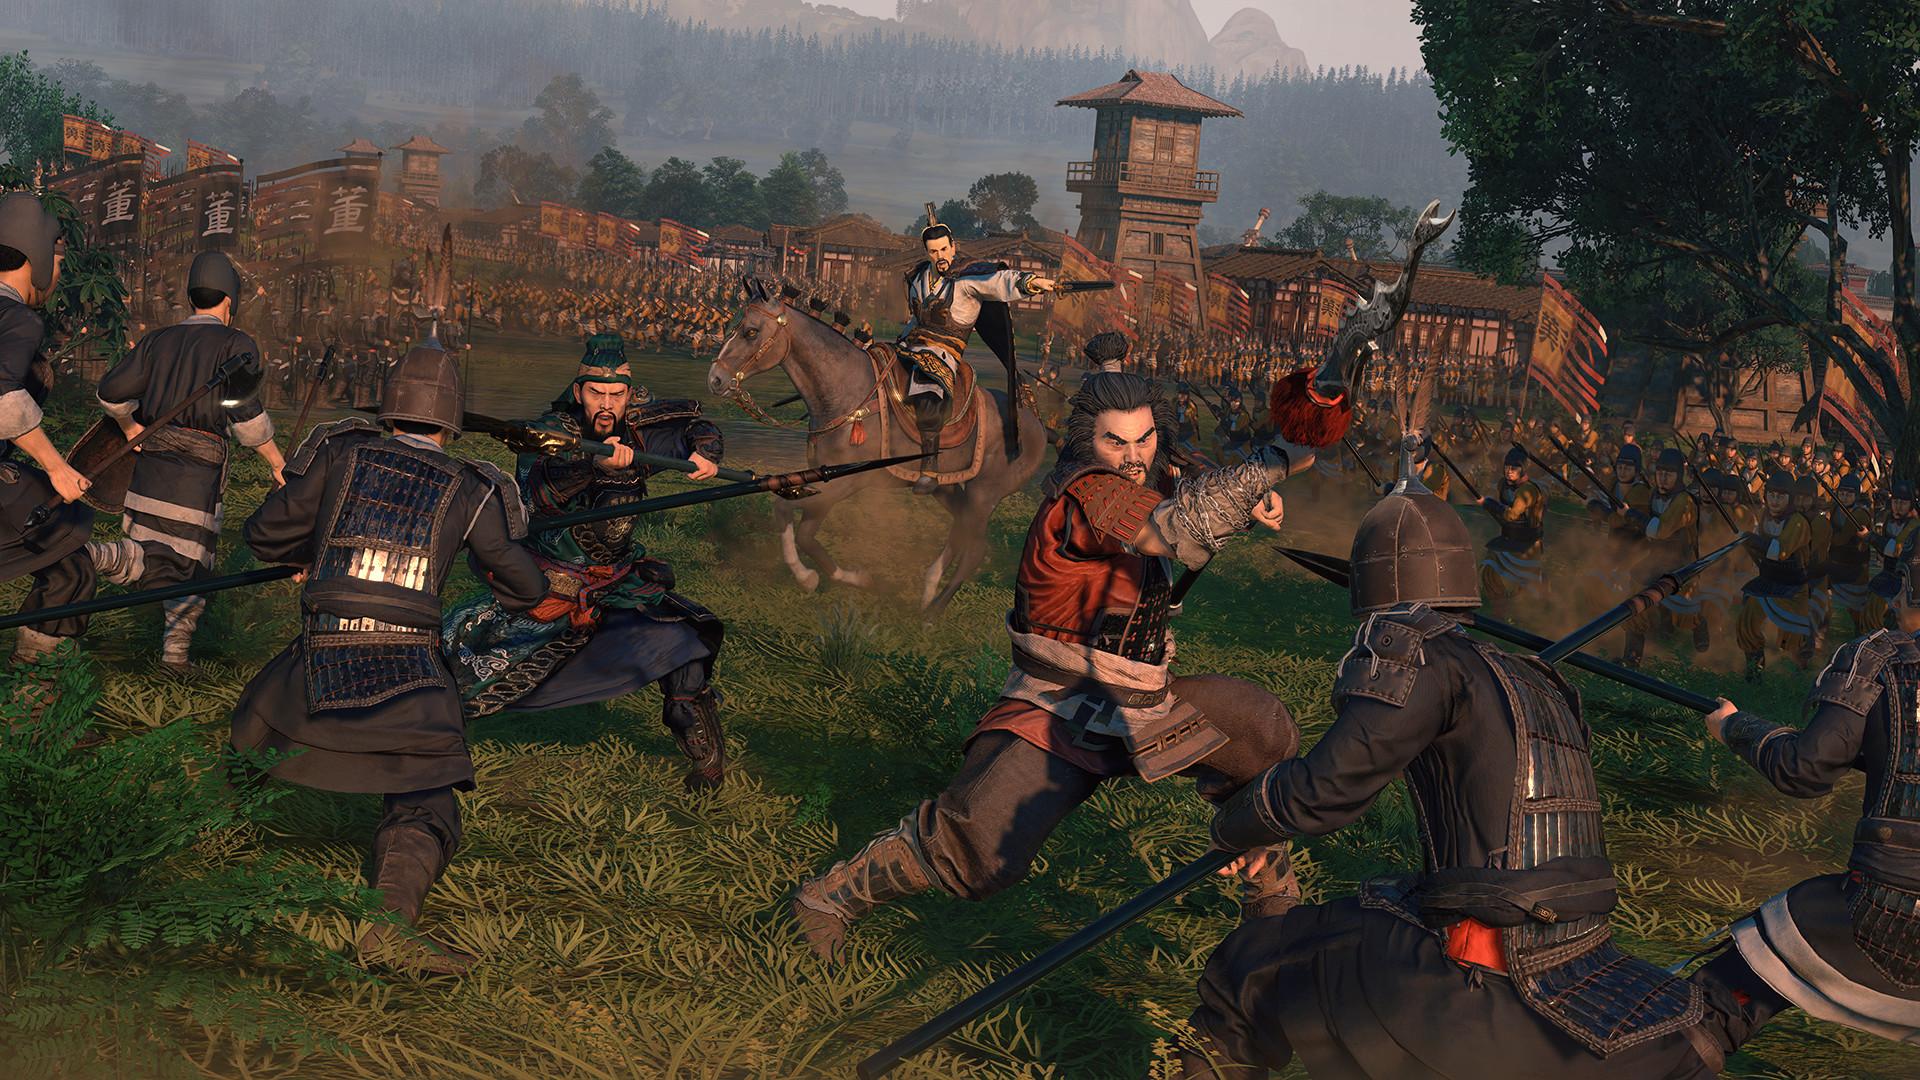 Скриншот Total War Three Kingdoms v1.1.0 + 2 DLC скачать торрент бесплатно